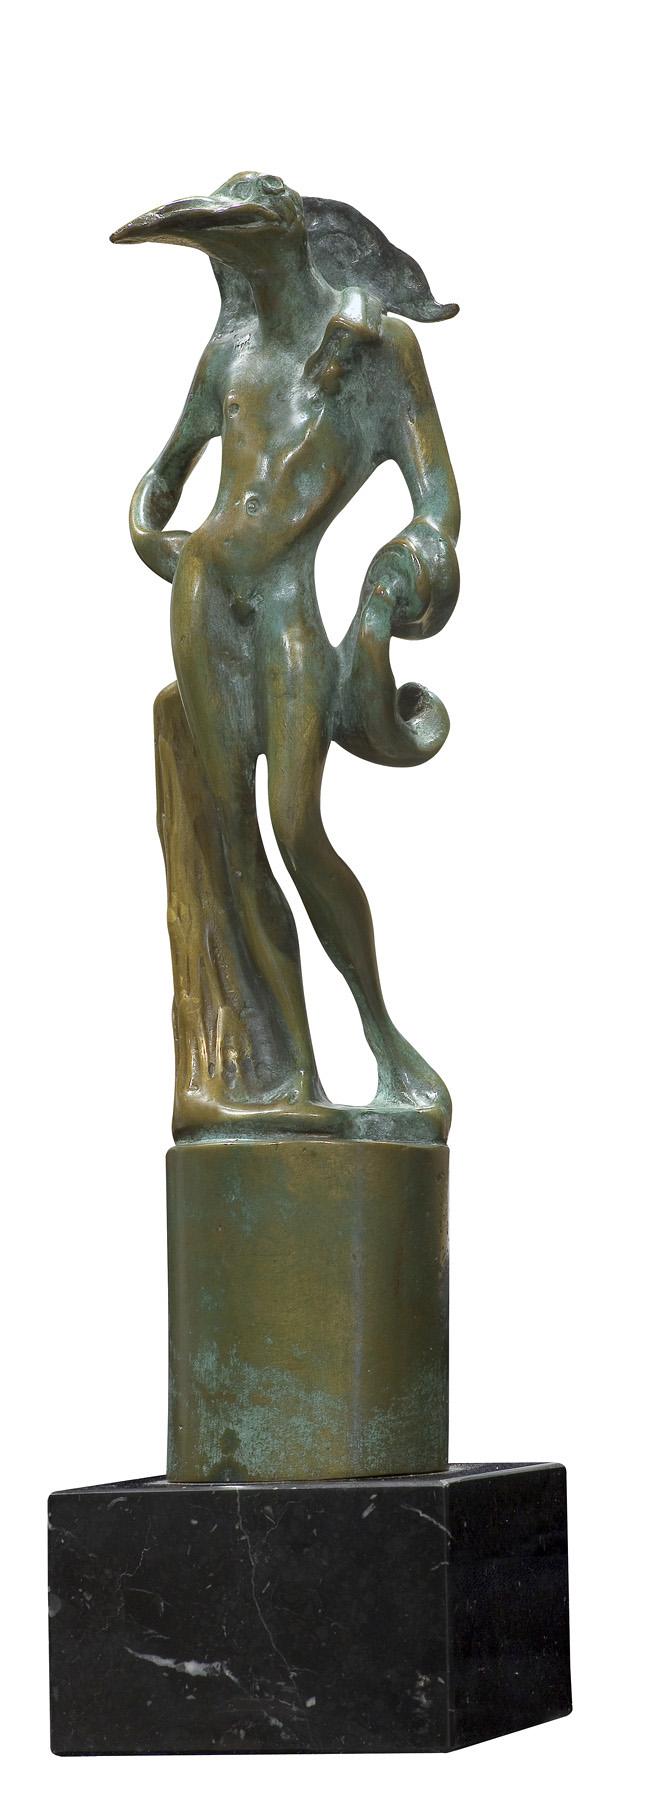 CZŁOWIEK-PTAK (L'HOMME OISEAU), 1981